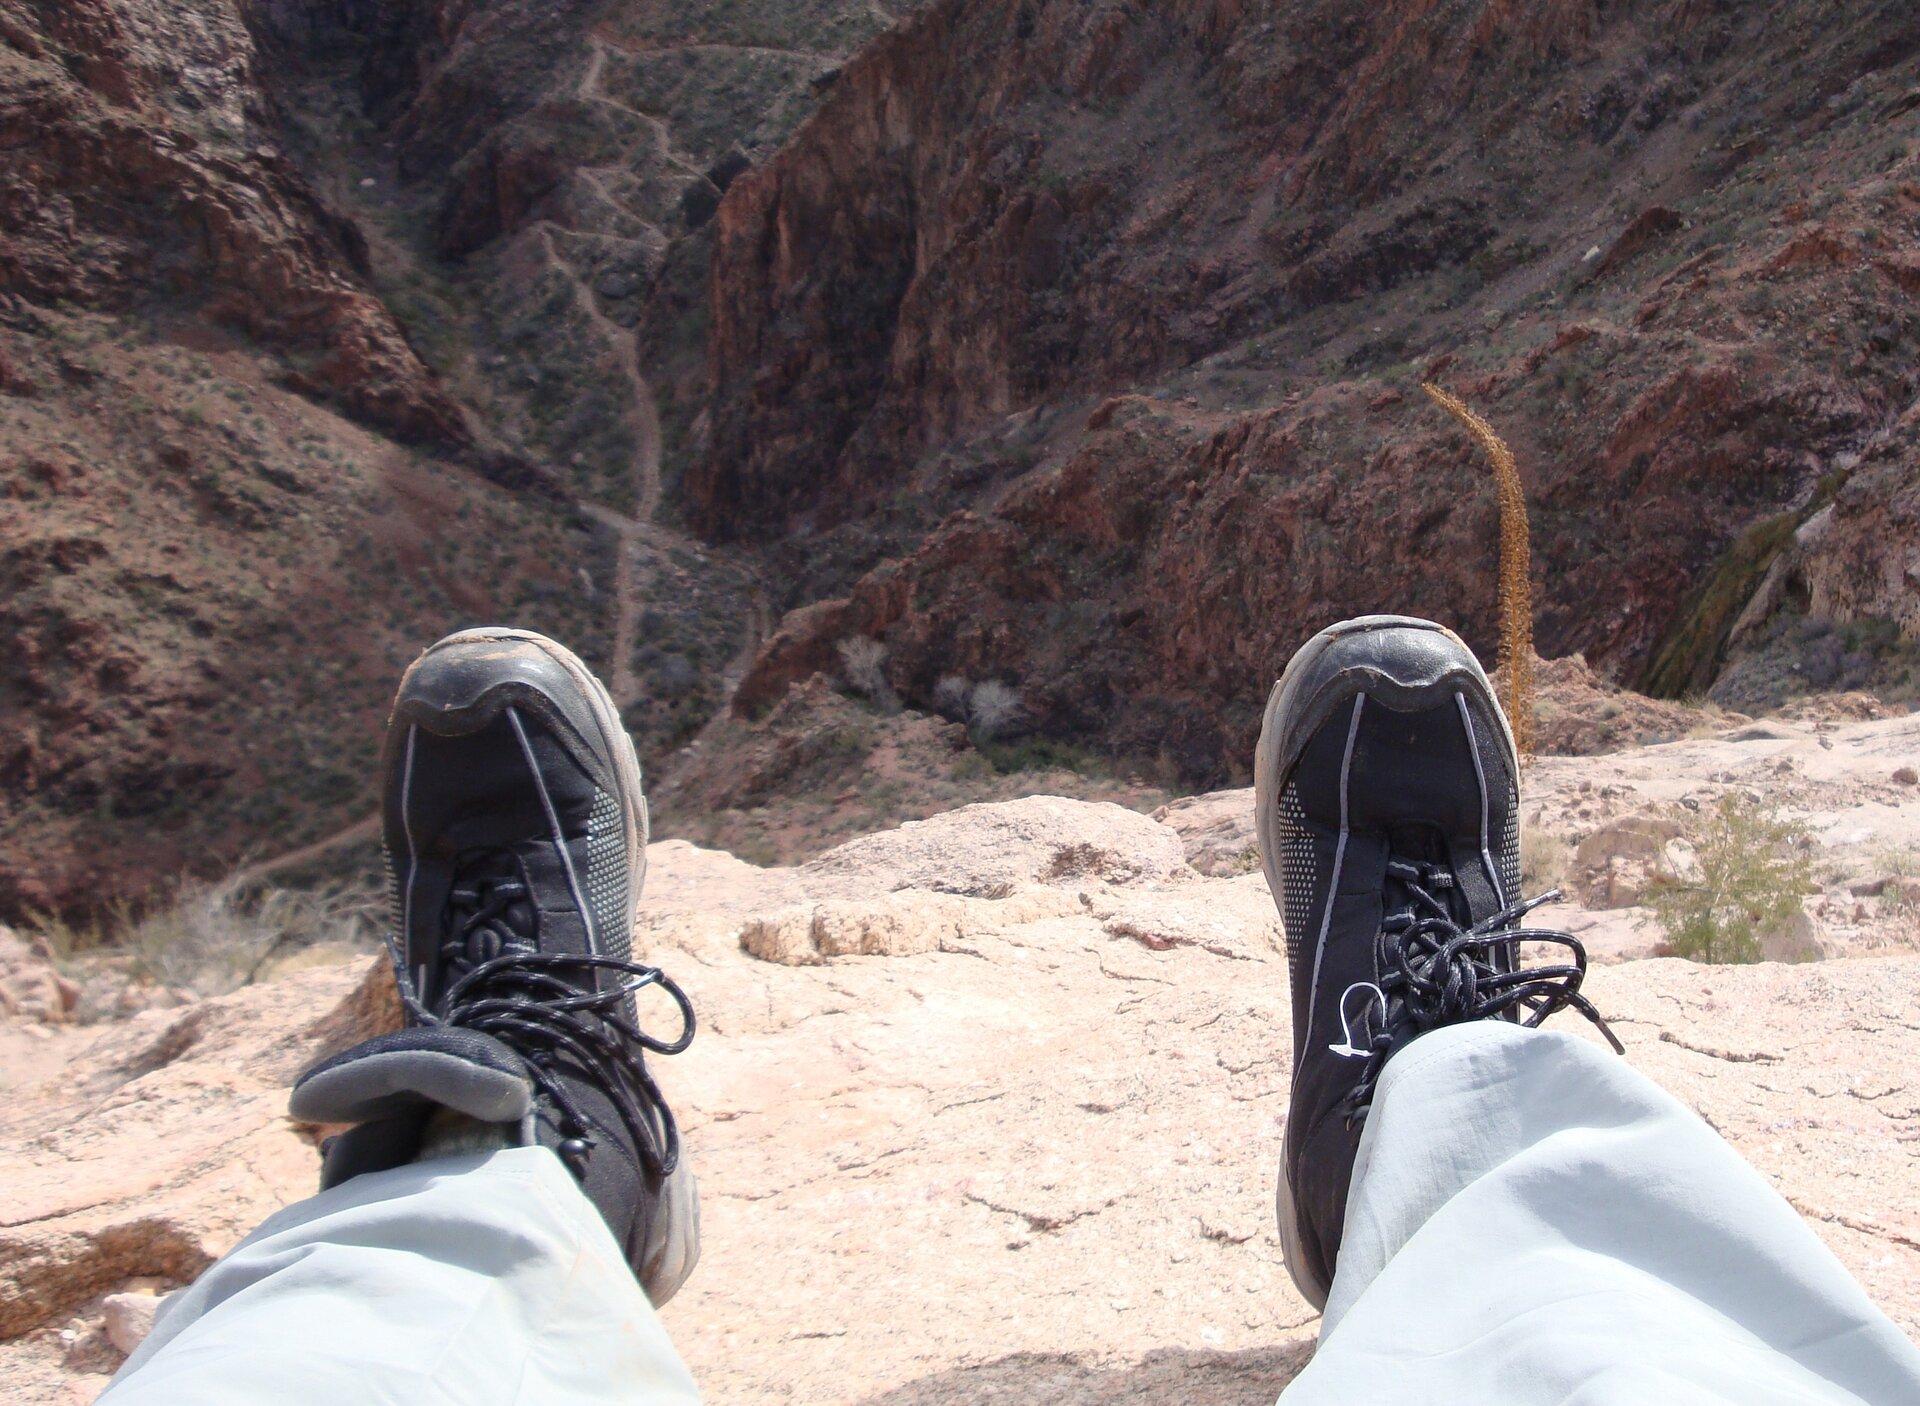 na zdjęciu, na pierwszym planie widać nogi wsportowych butach, awgłębi Wielki Kanion